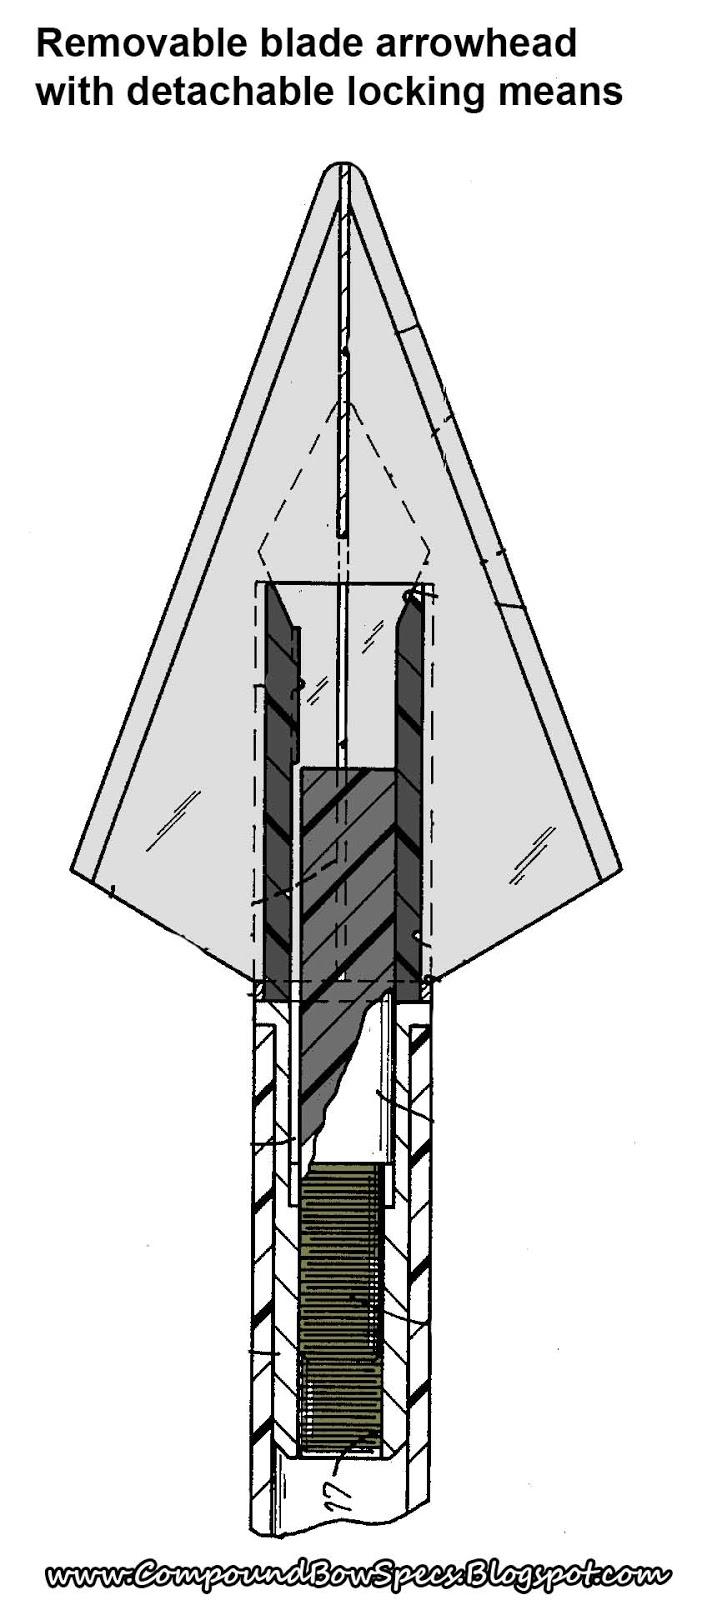 Removable blade arrowhead detachable arrowhead bow arrow